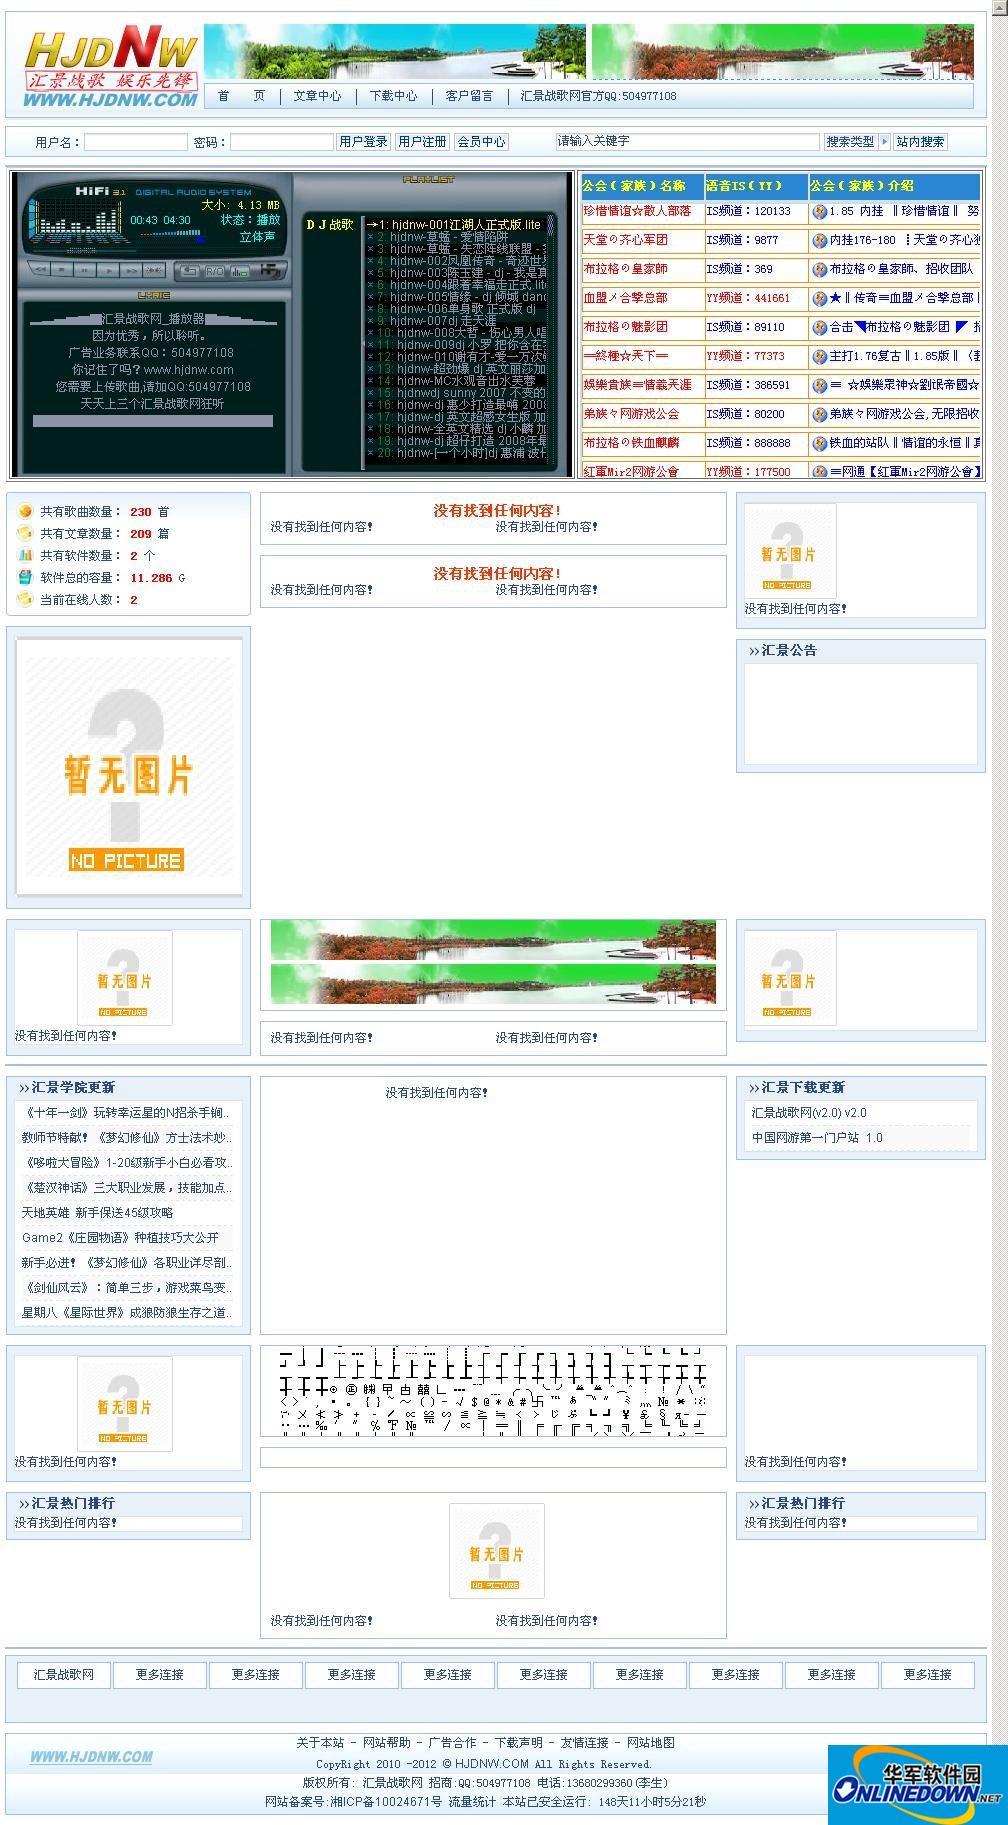 中国网游第一门户站 PC版